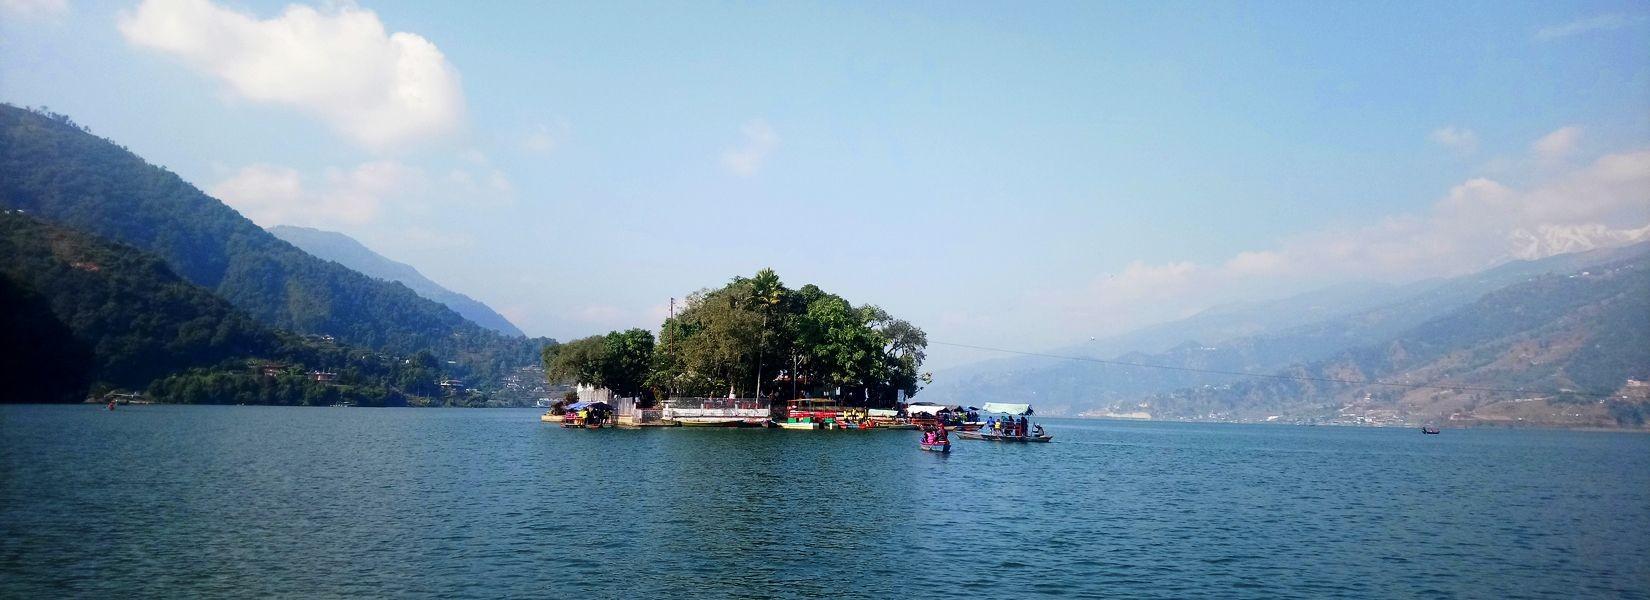 Nepal Historical Tour, Nepal Tour, Pokhara Nepal, Phewa Lake Pokhara